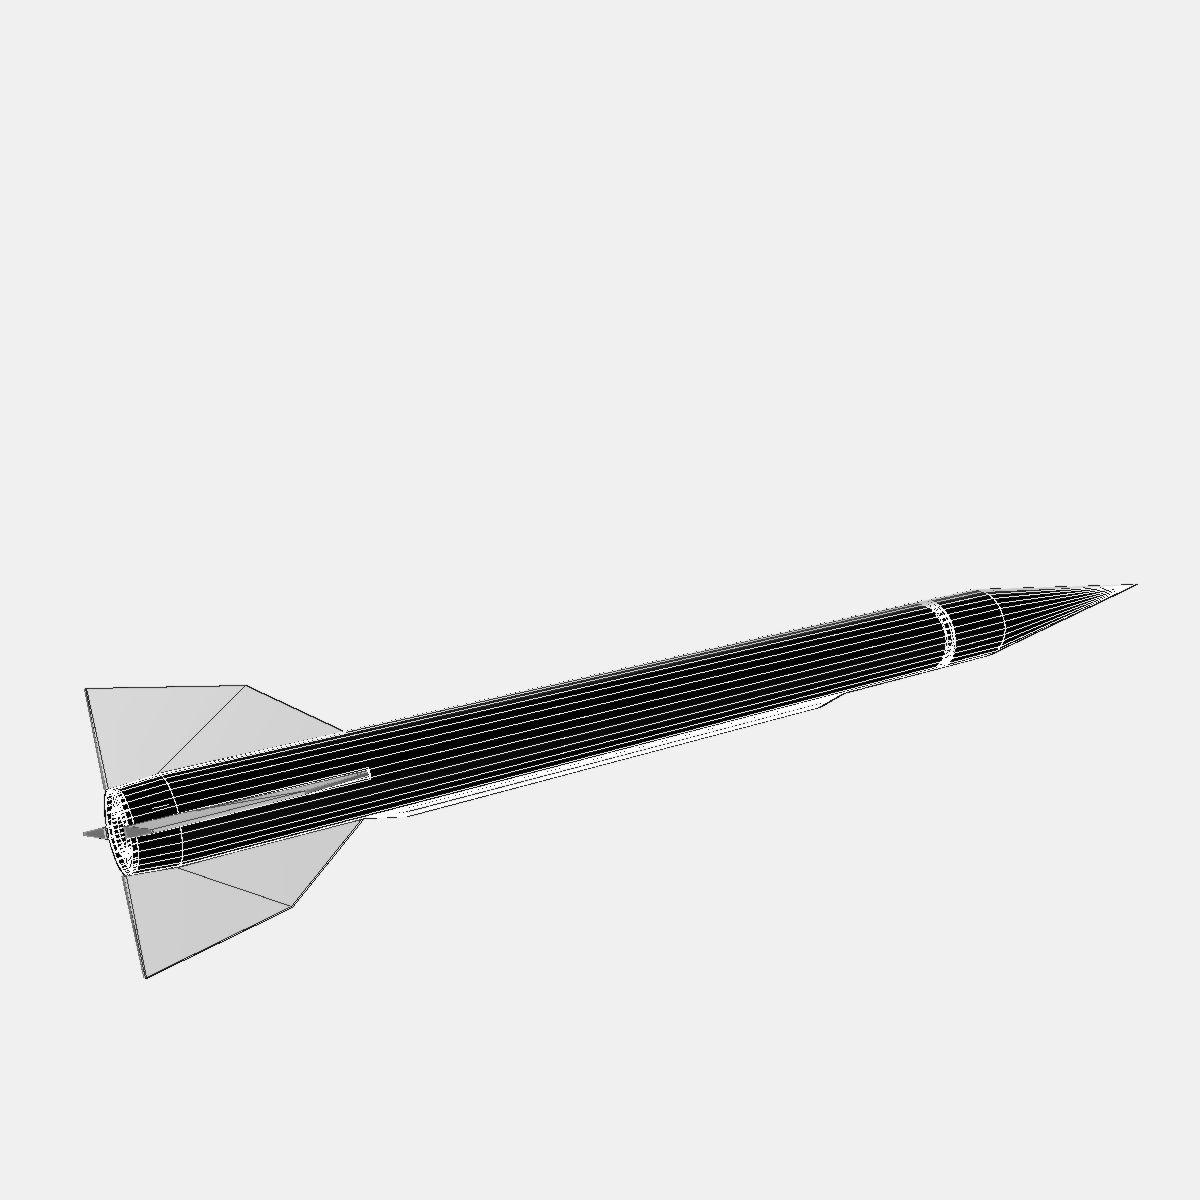 Bumper WAC - Two Stage Sounding Rocket 3d model 3ds dxf cob X obj 162866